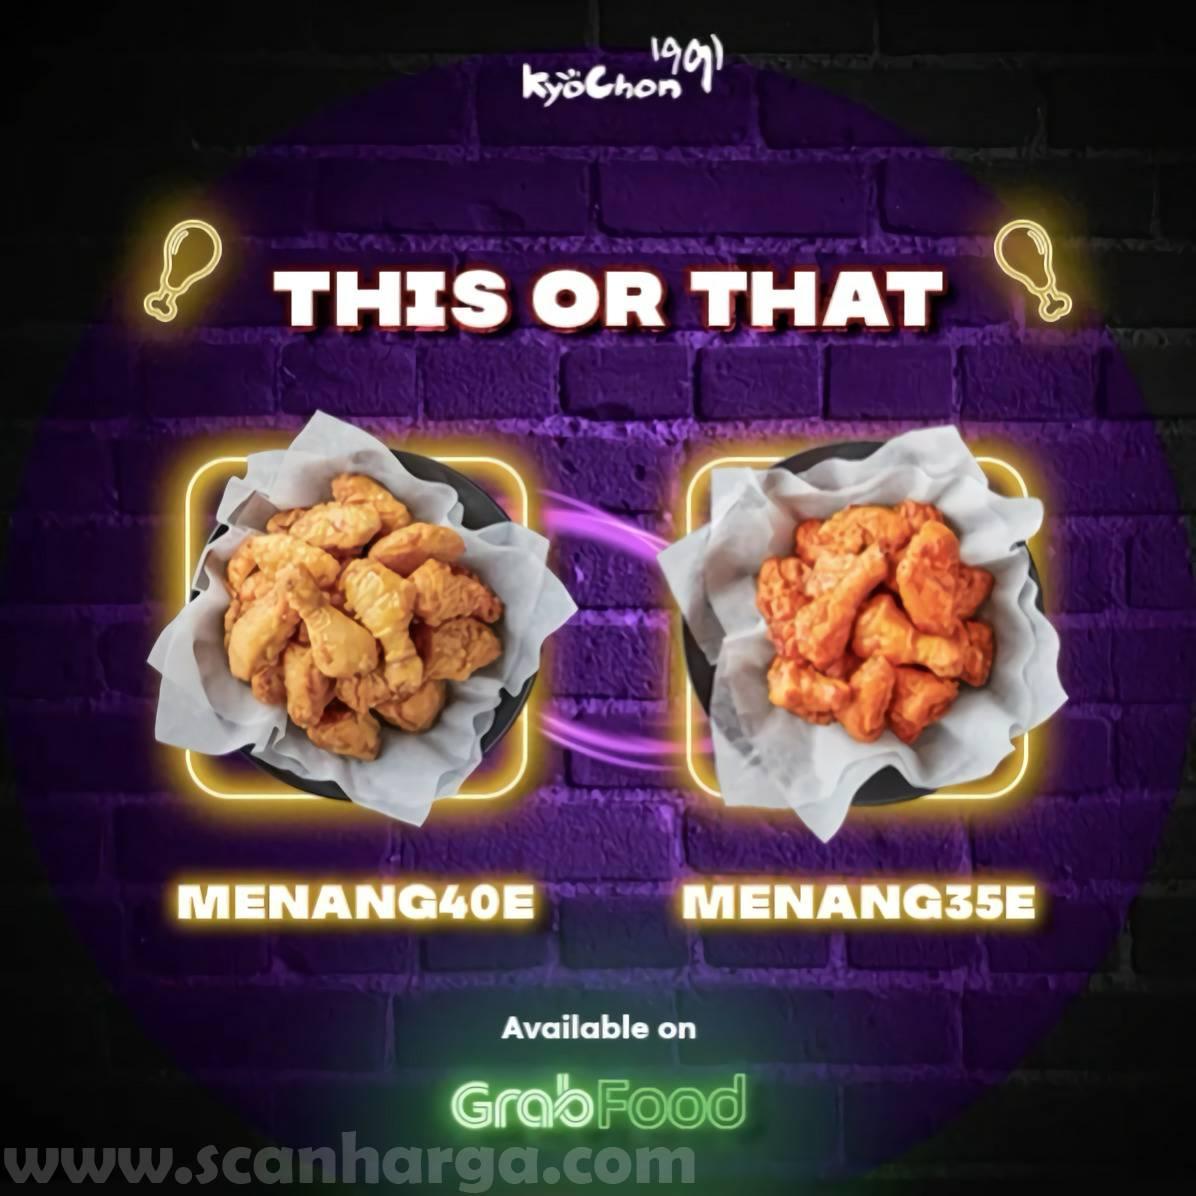 Promo Kyochon Makanthon Diskon 35% - 40% via Grabfood